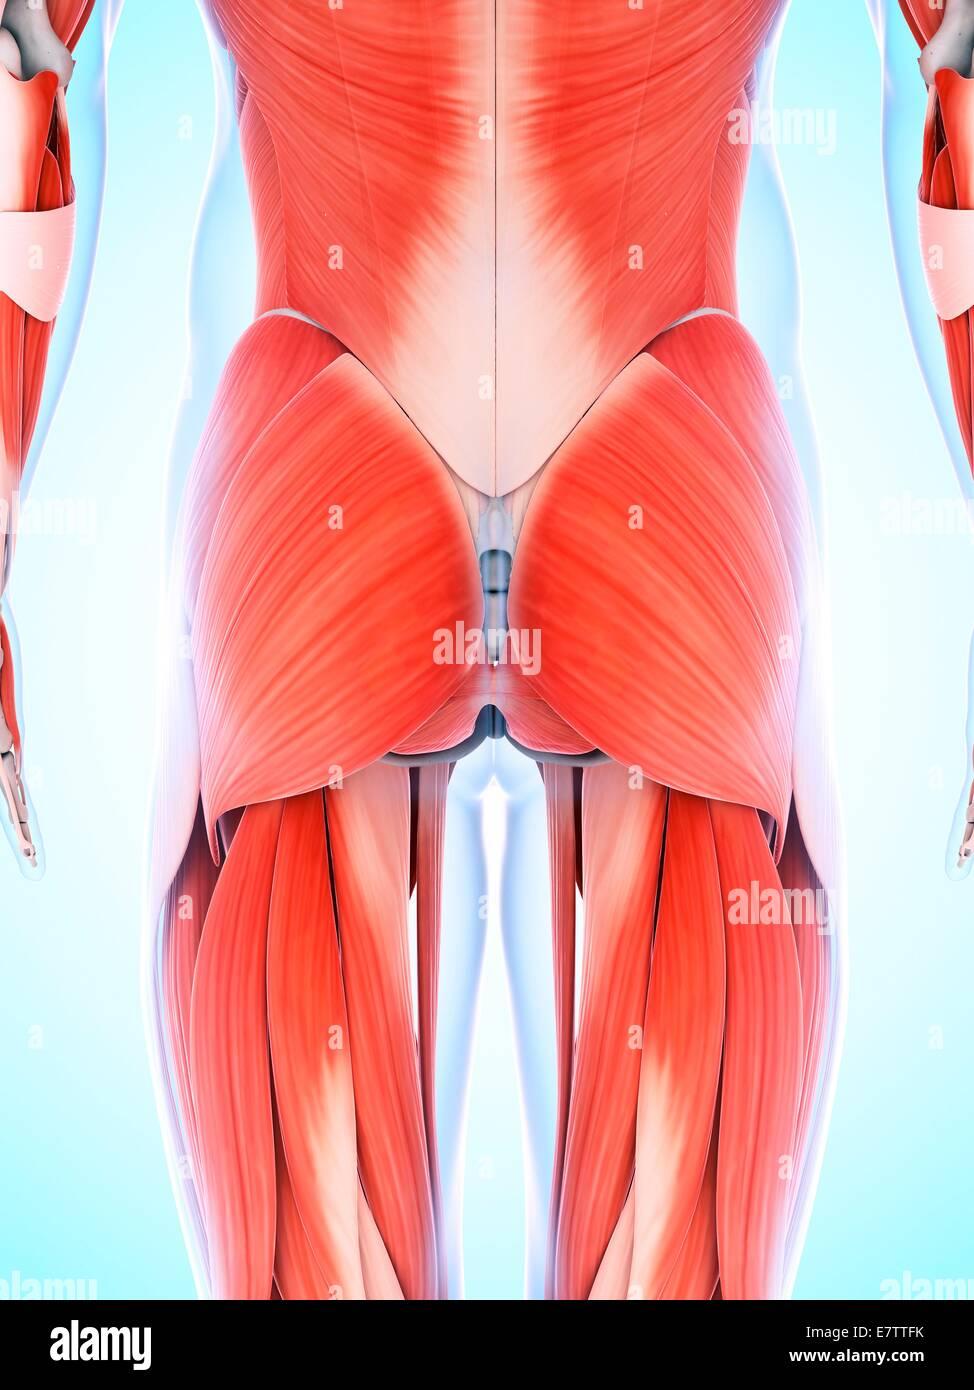 Nett Körperbild Muskeln Galerie - Menschliche Anatomie Bilder ...